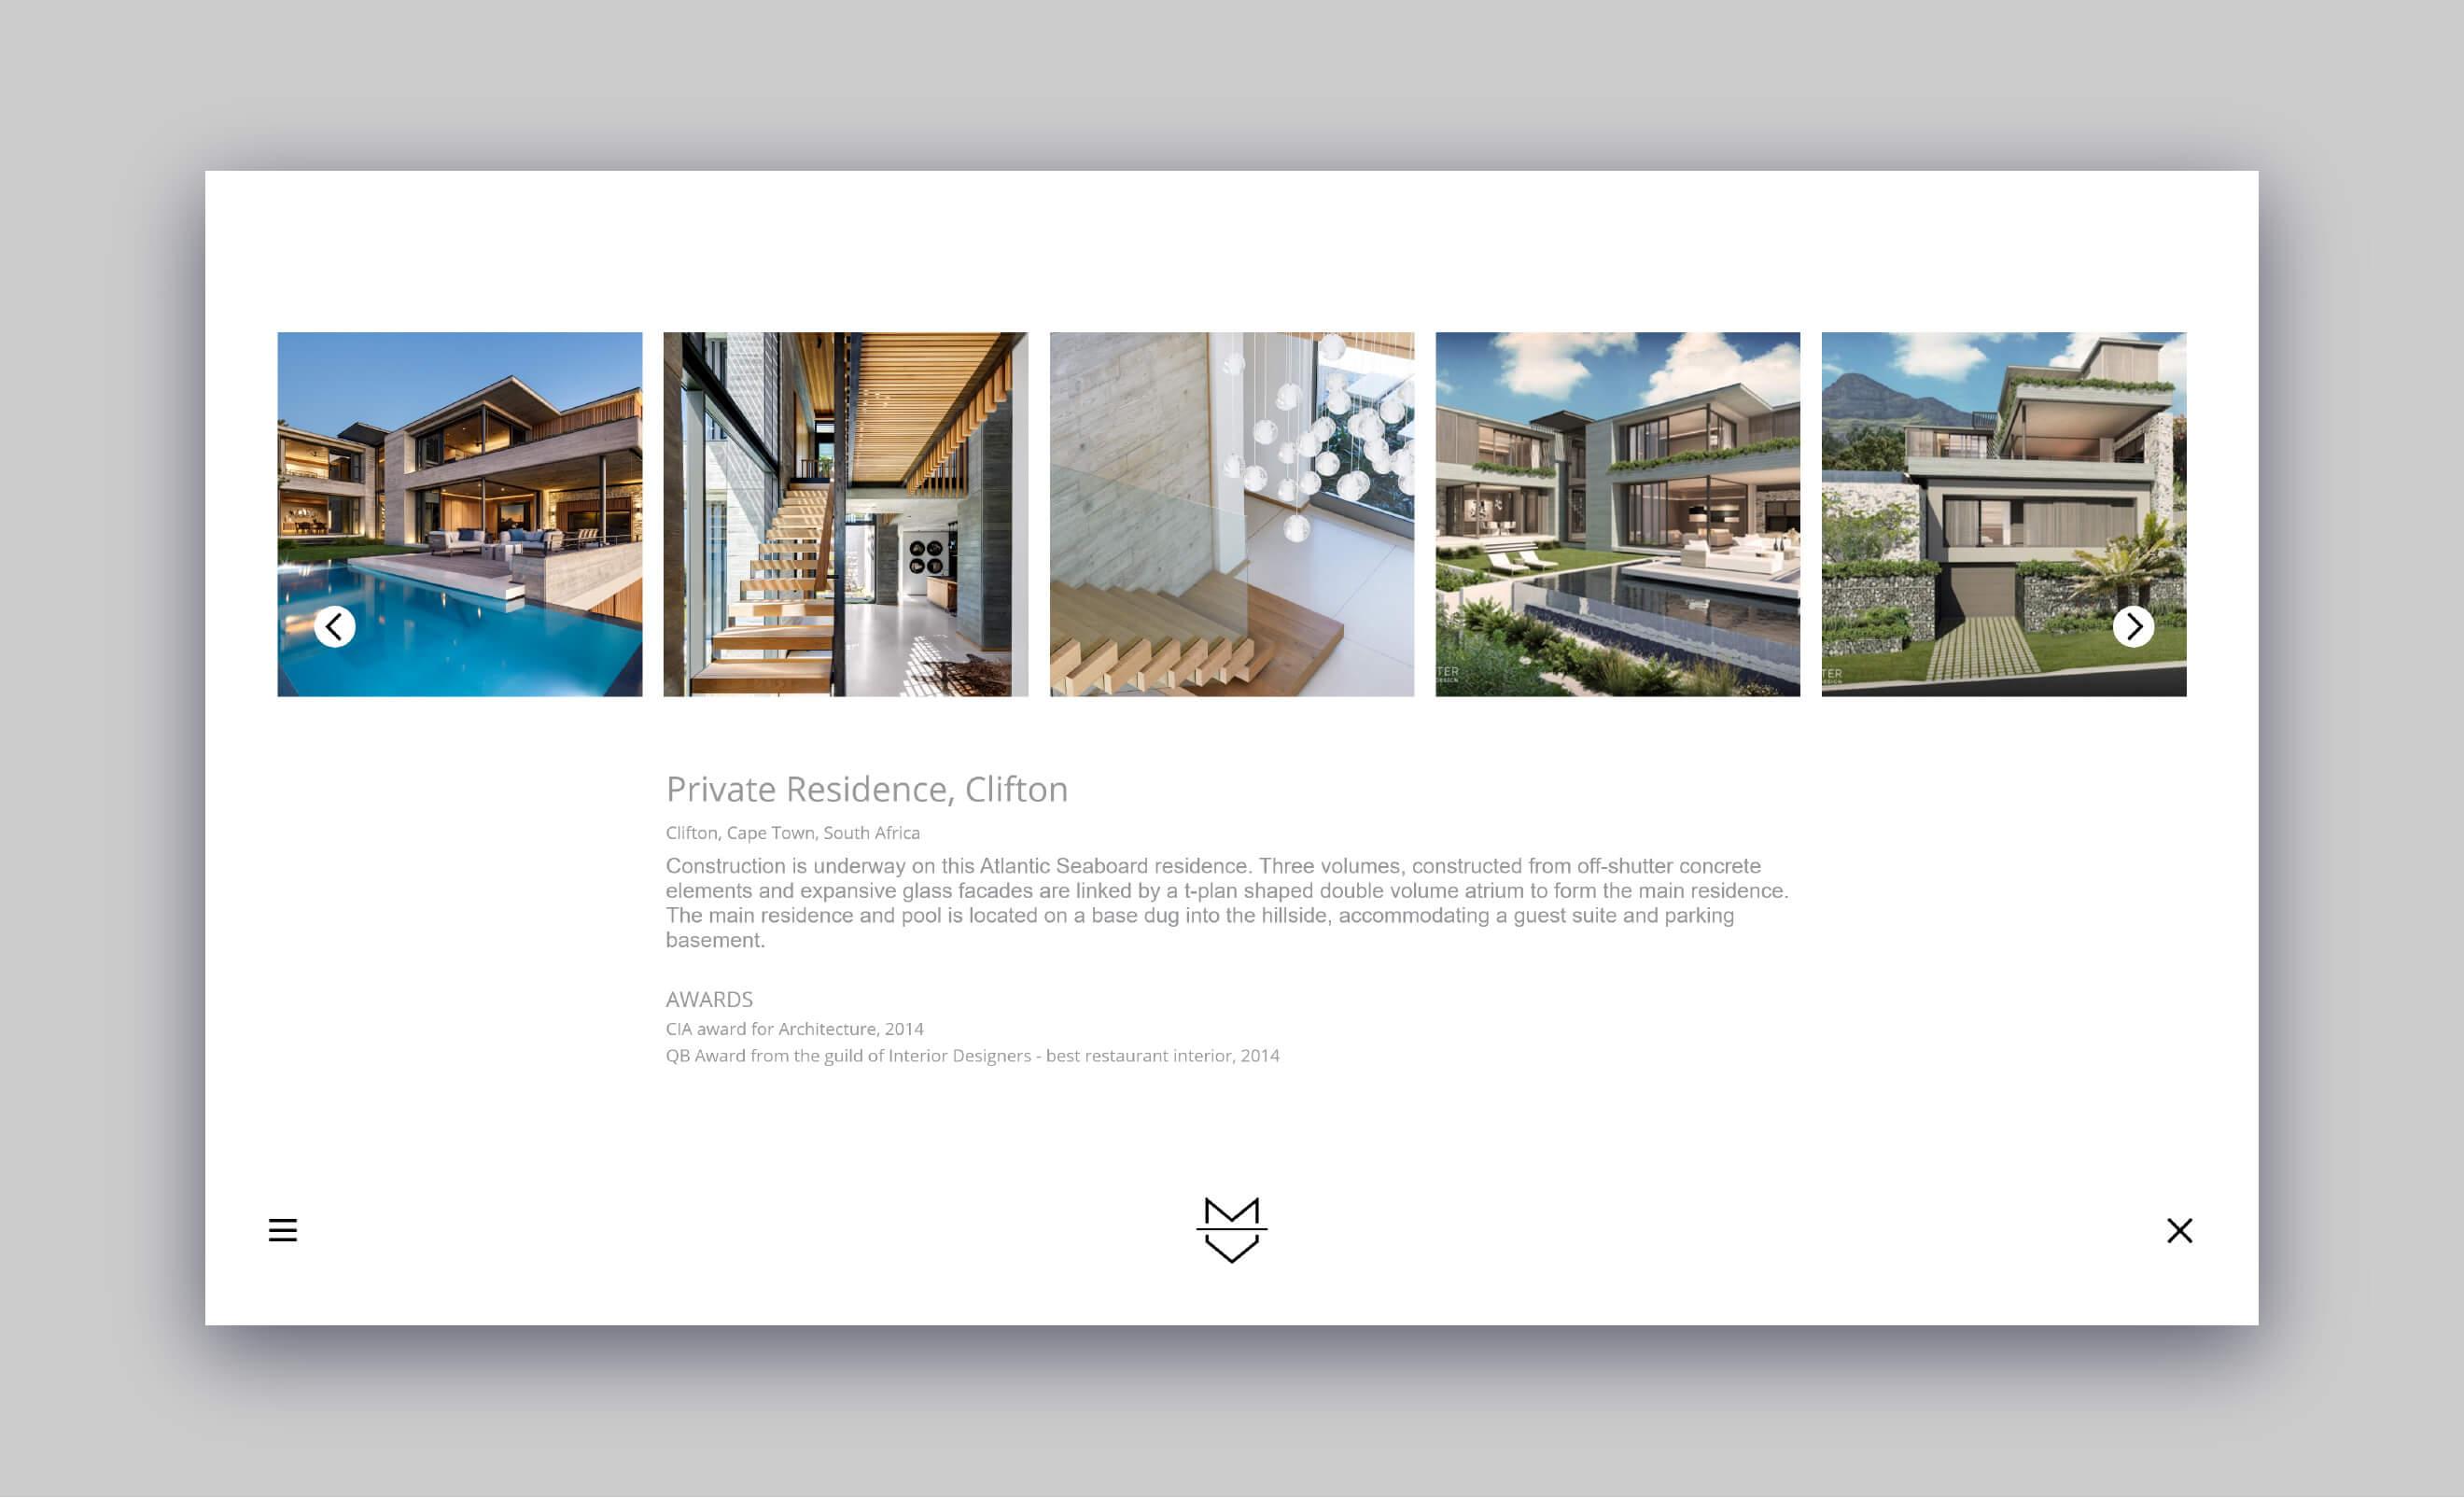 malan vorster project details modal